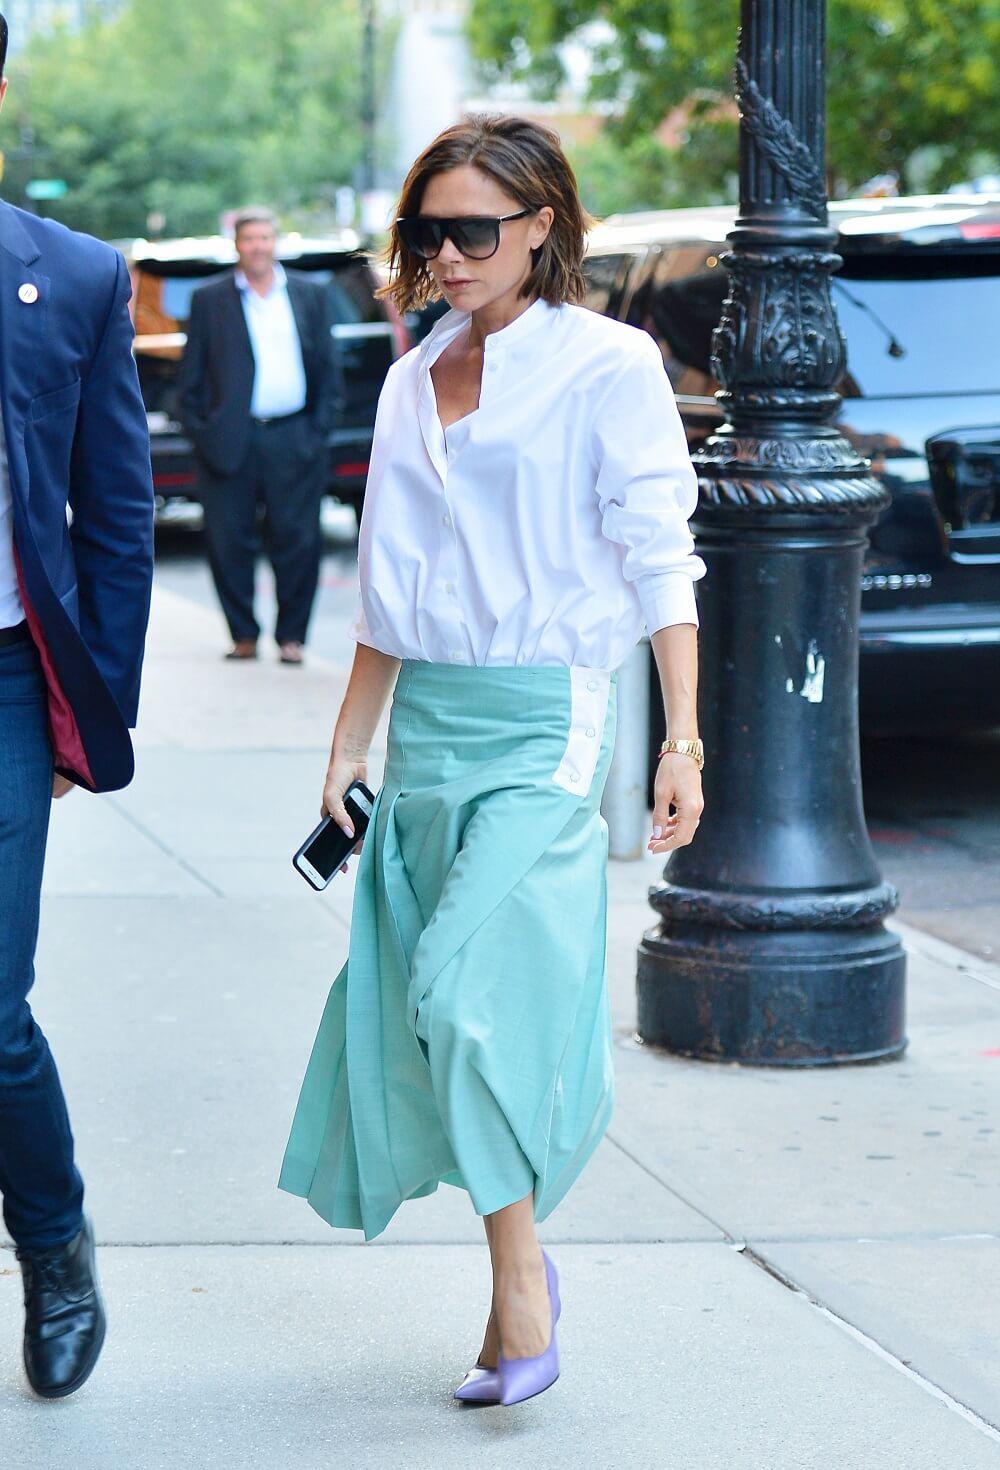 ヴィクトリア・ベッカムの私服ファッション写真(白シャツ)